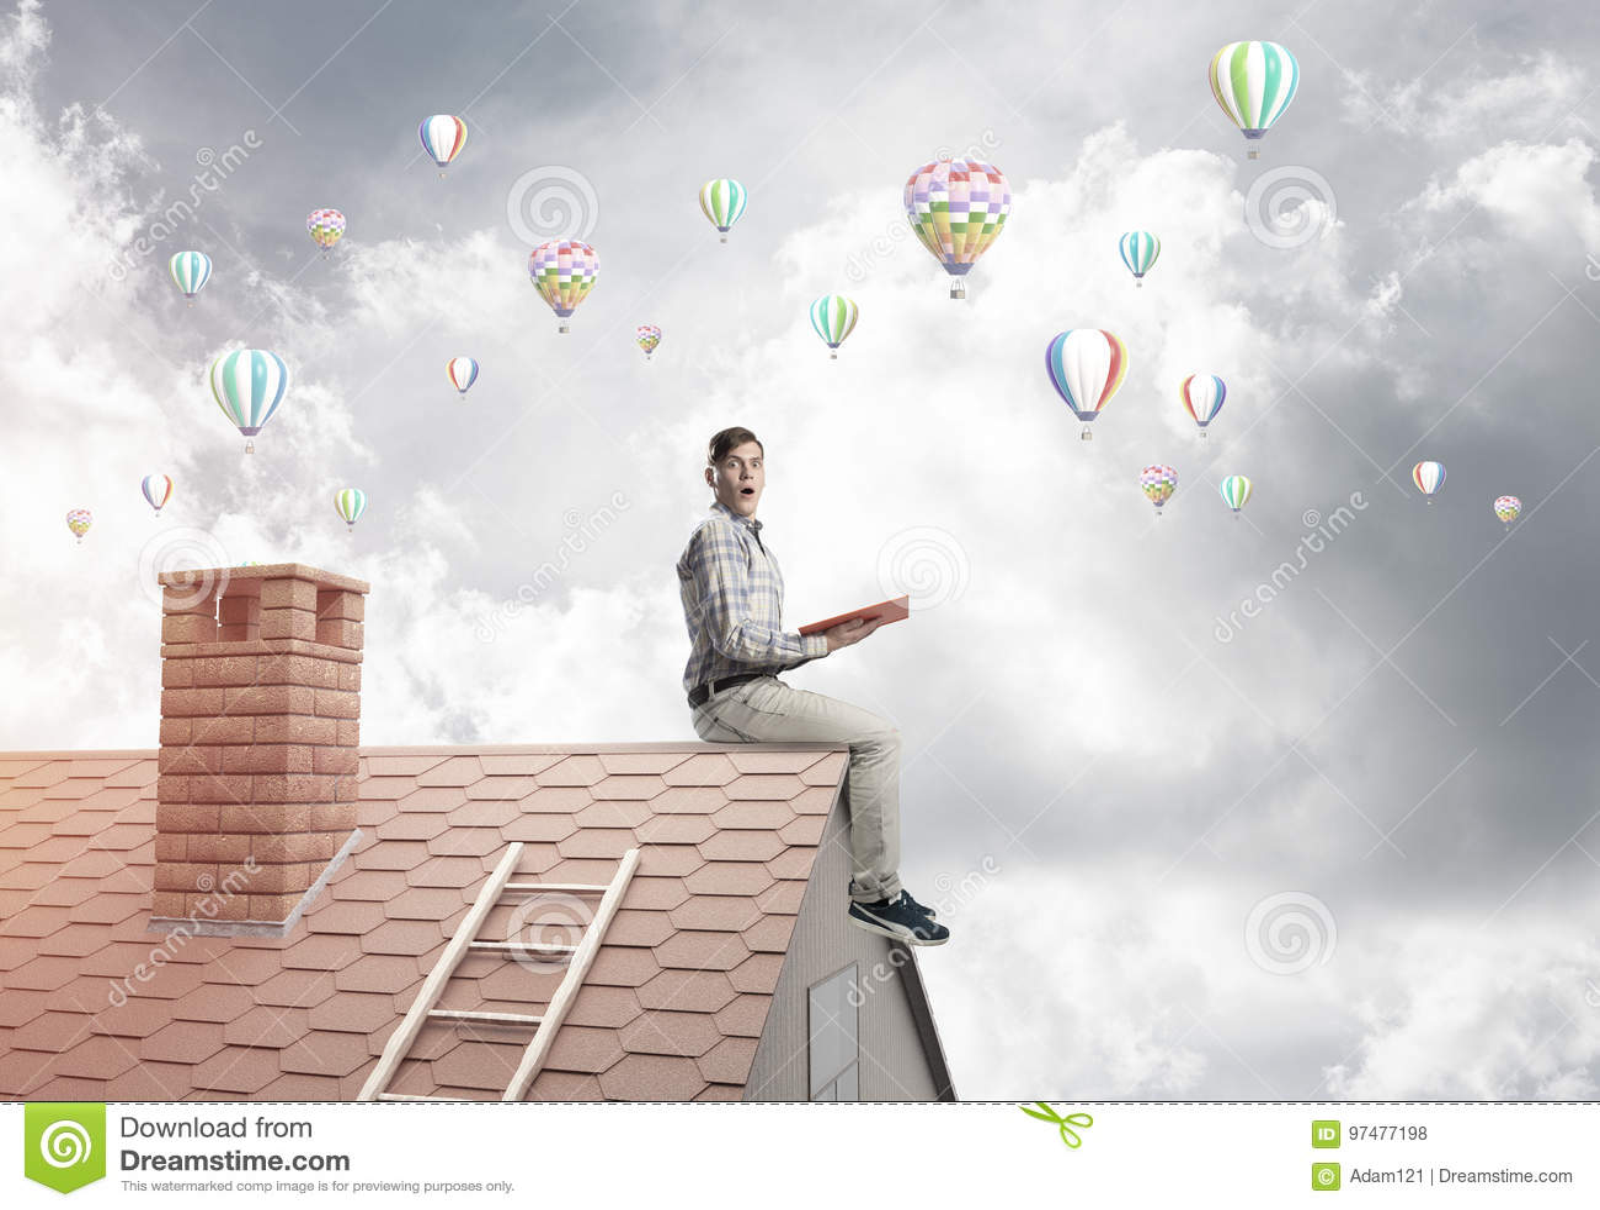 Libro di lettura bello del tipo dello studente ed aerostati che volano in aria